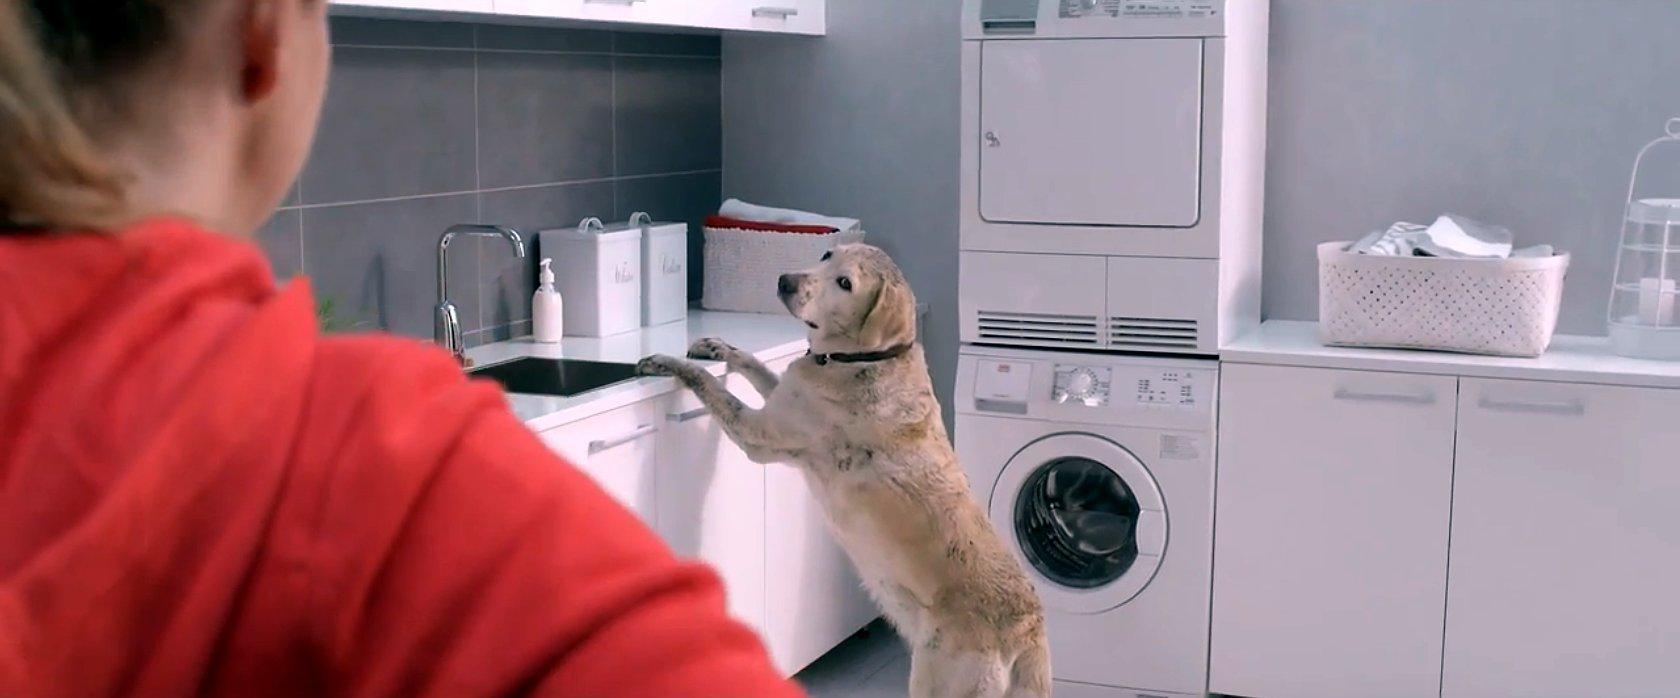 Кадр из серии рекламных роликов электронных смесителей Oras 2013-14 гг.